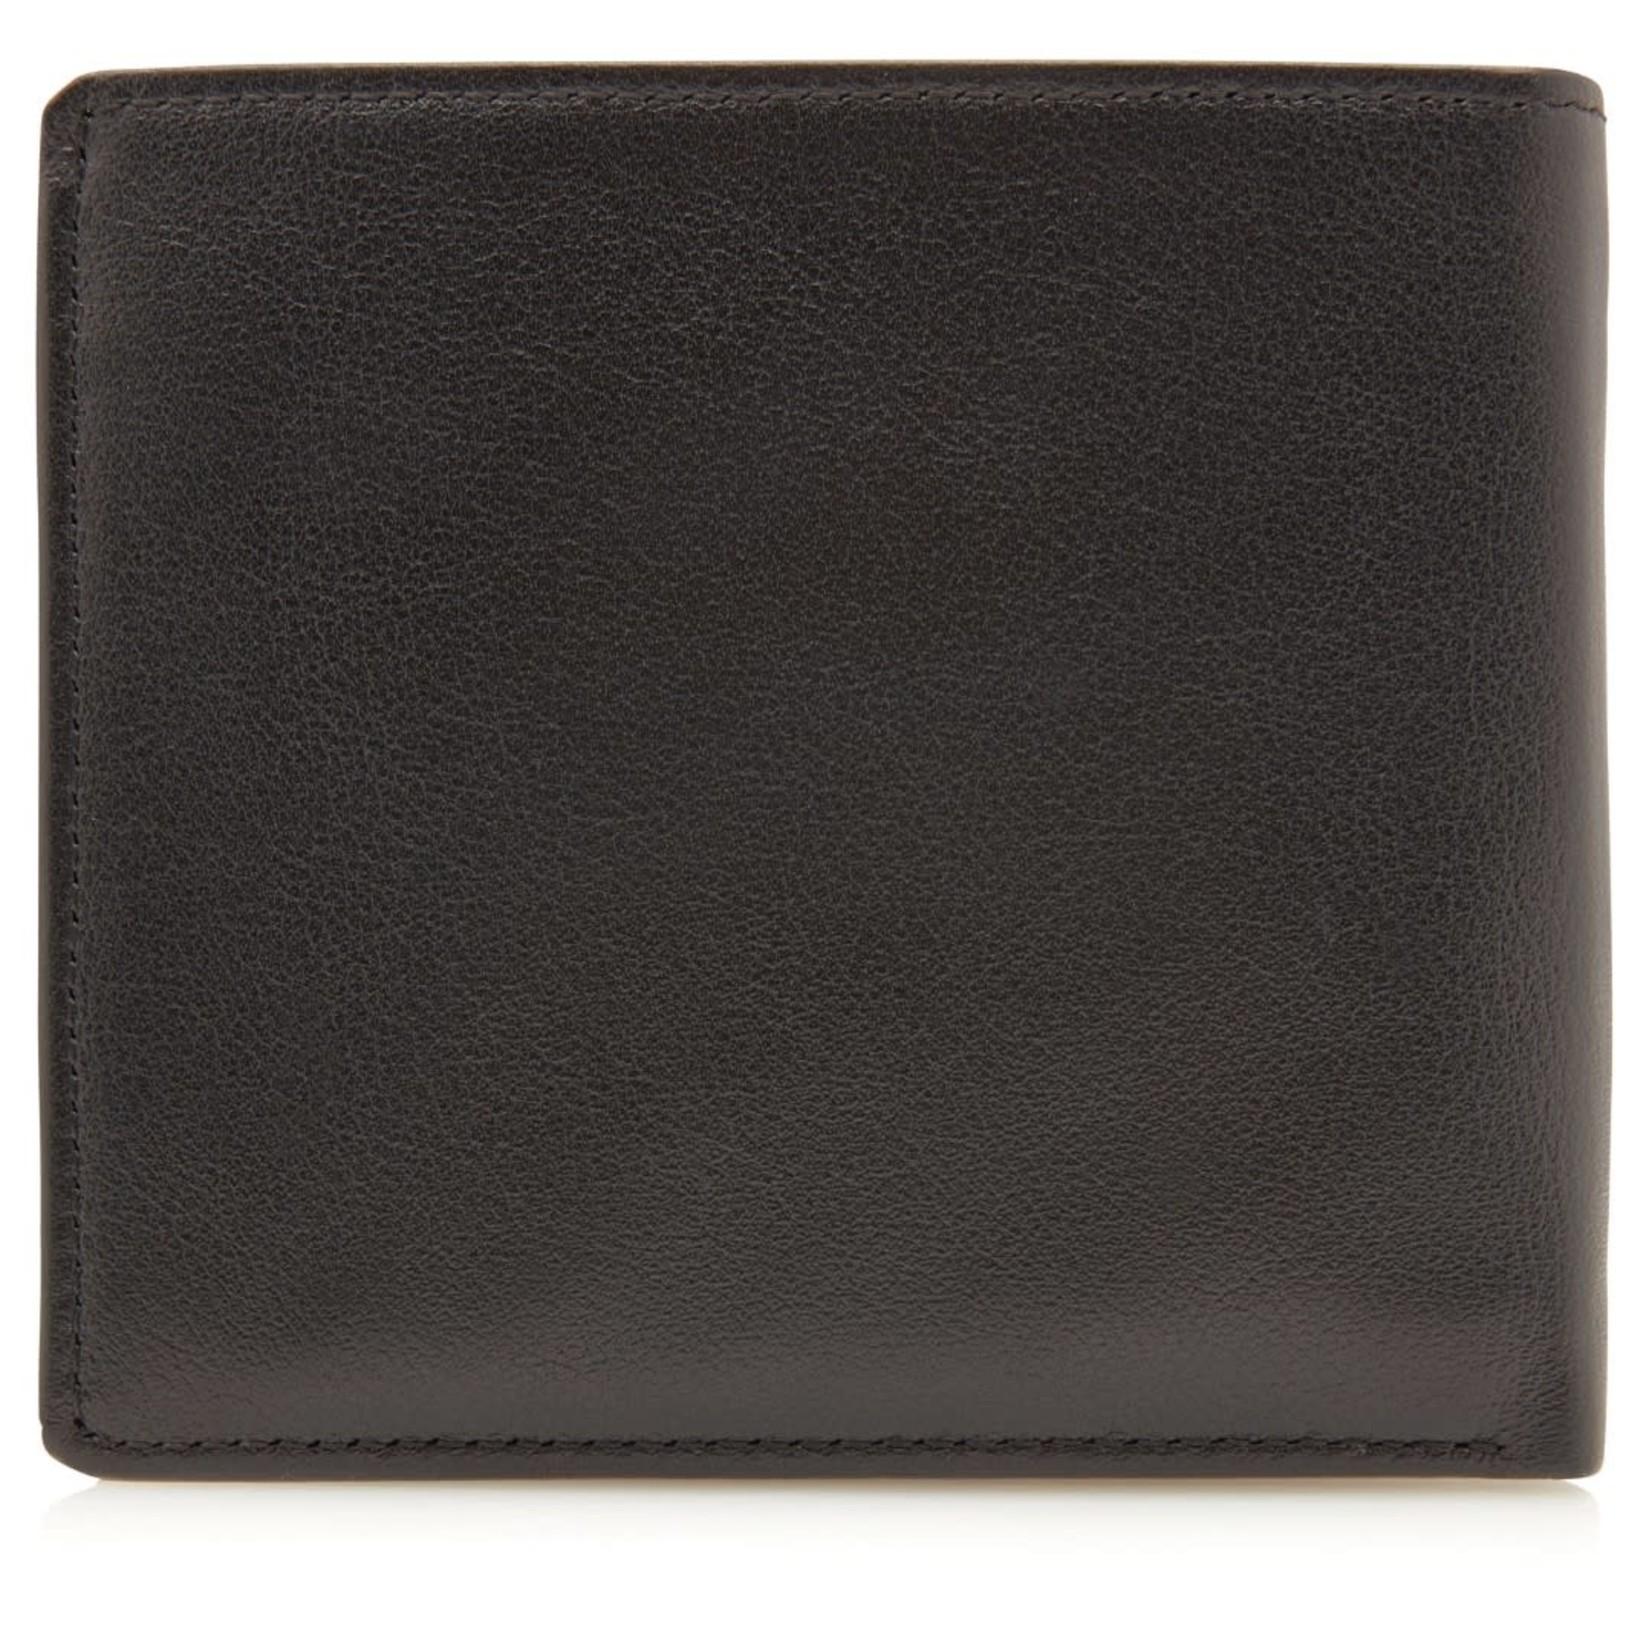 Castelijn en Beerens Billfold Portemonnee 7 pasjes RFID Zwart